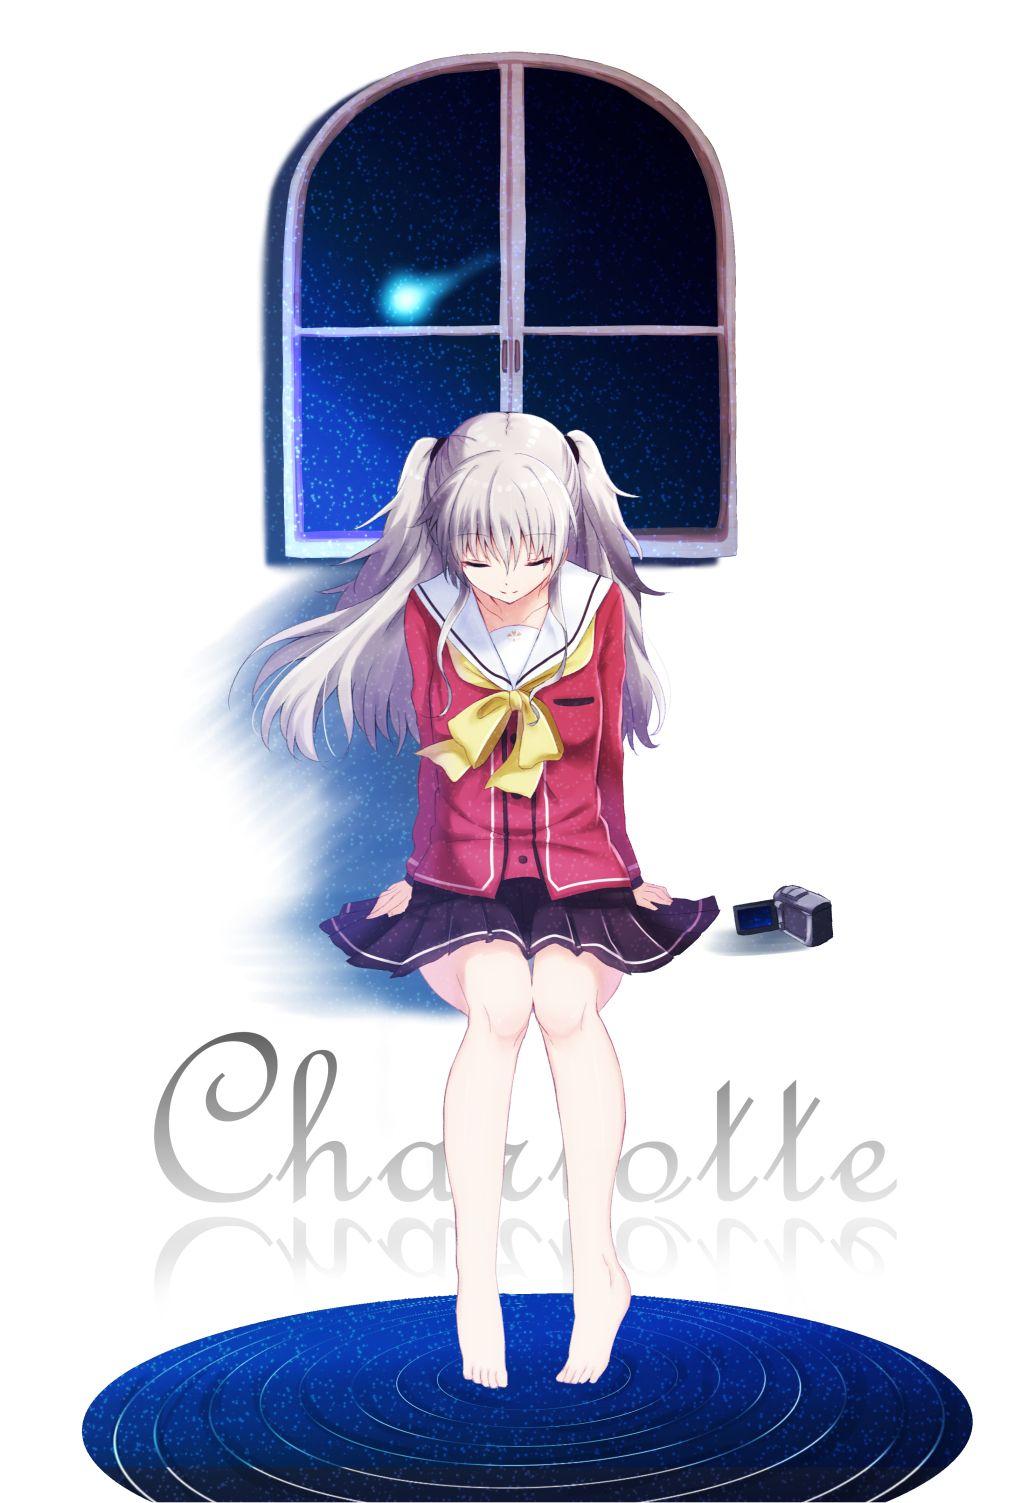 ボード「Charlotte Anime」のピン